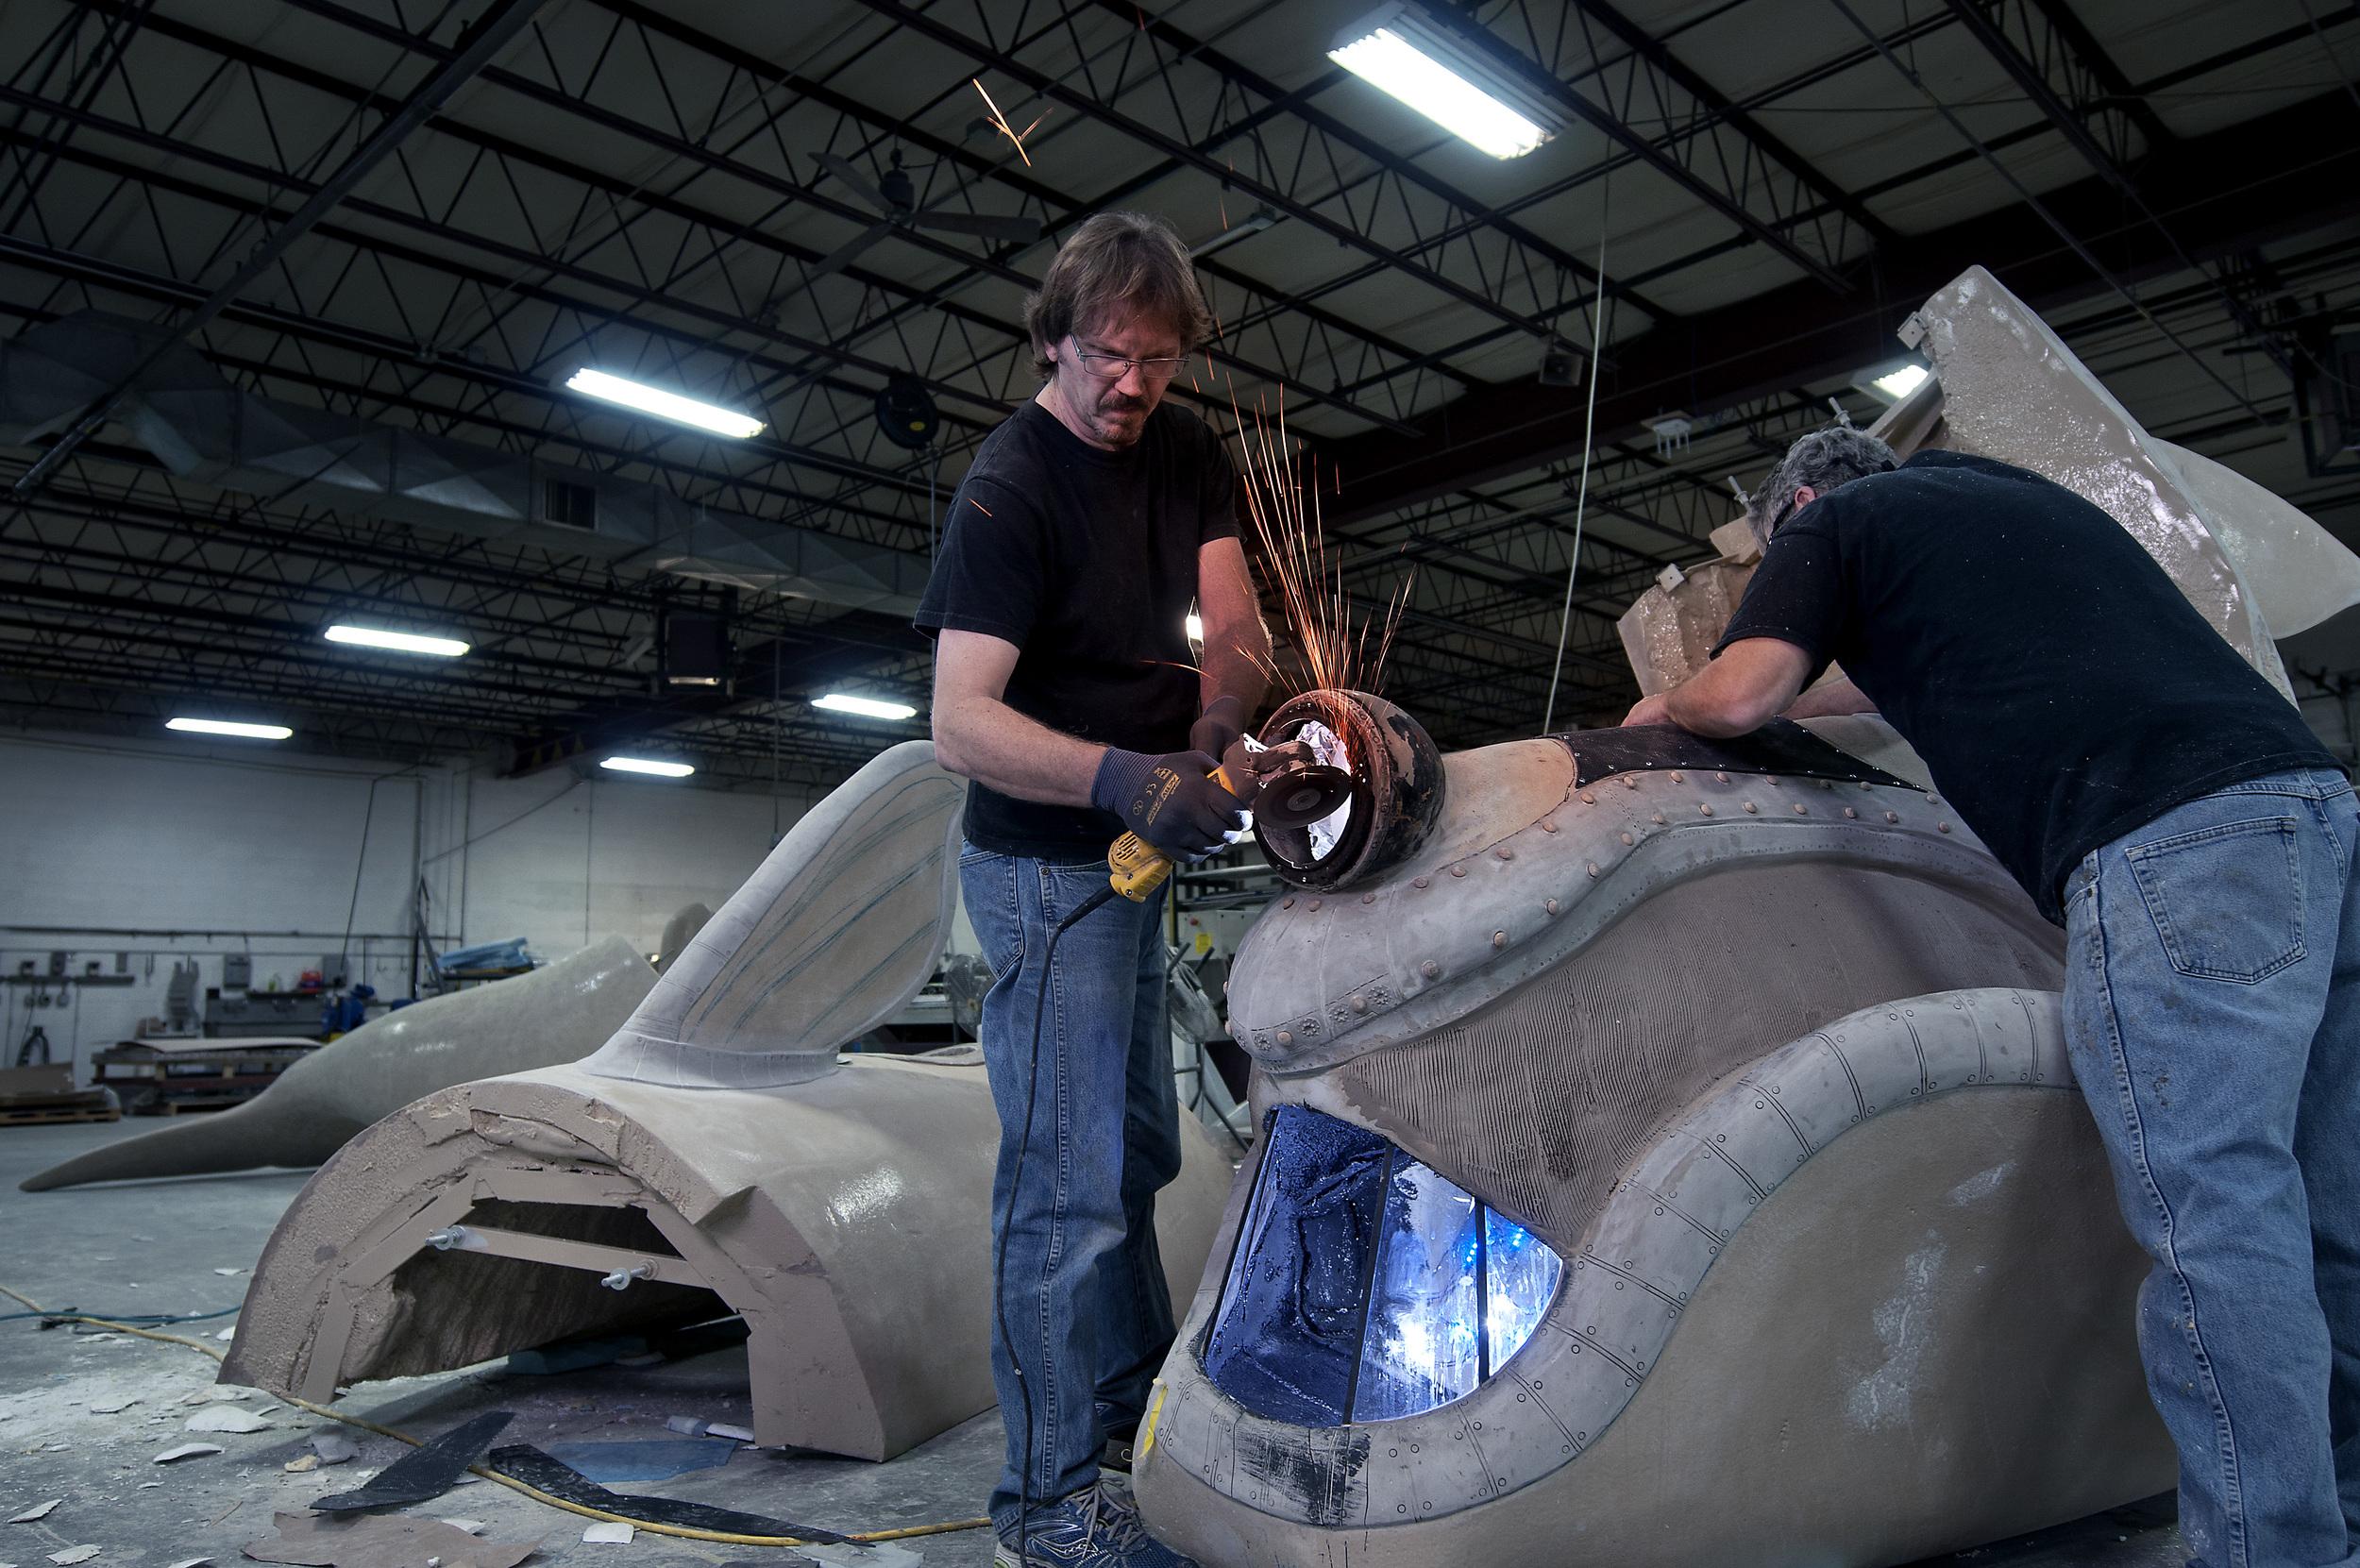 custom-foam-urethane-fabrication.jpg